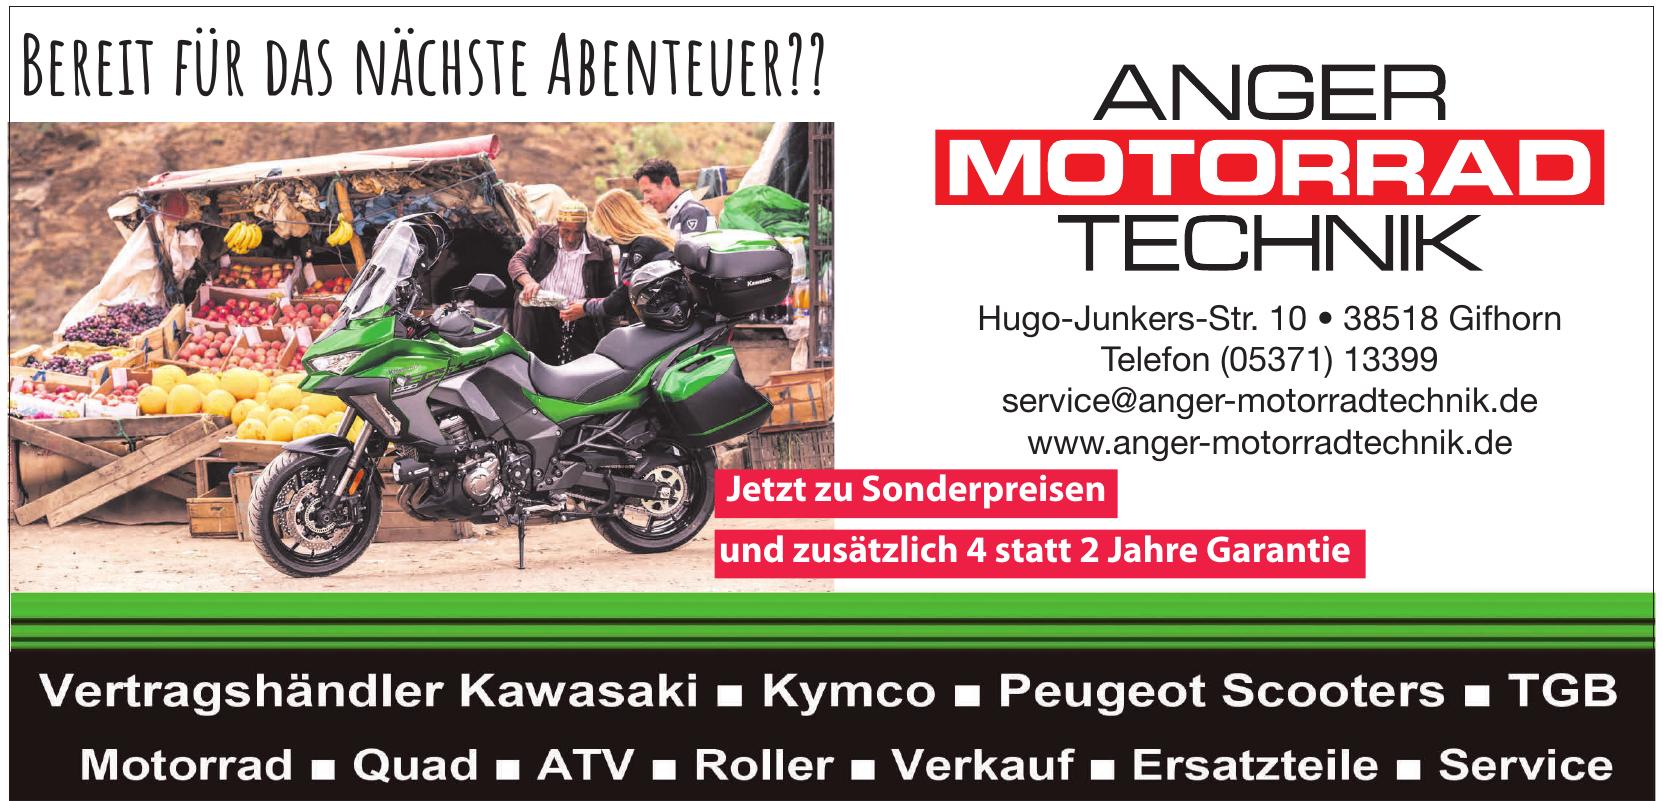 Anger Motorrad Technik